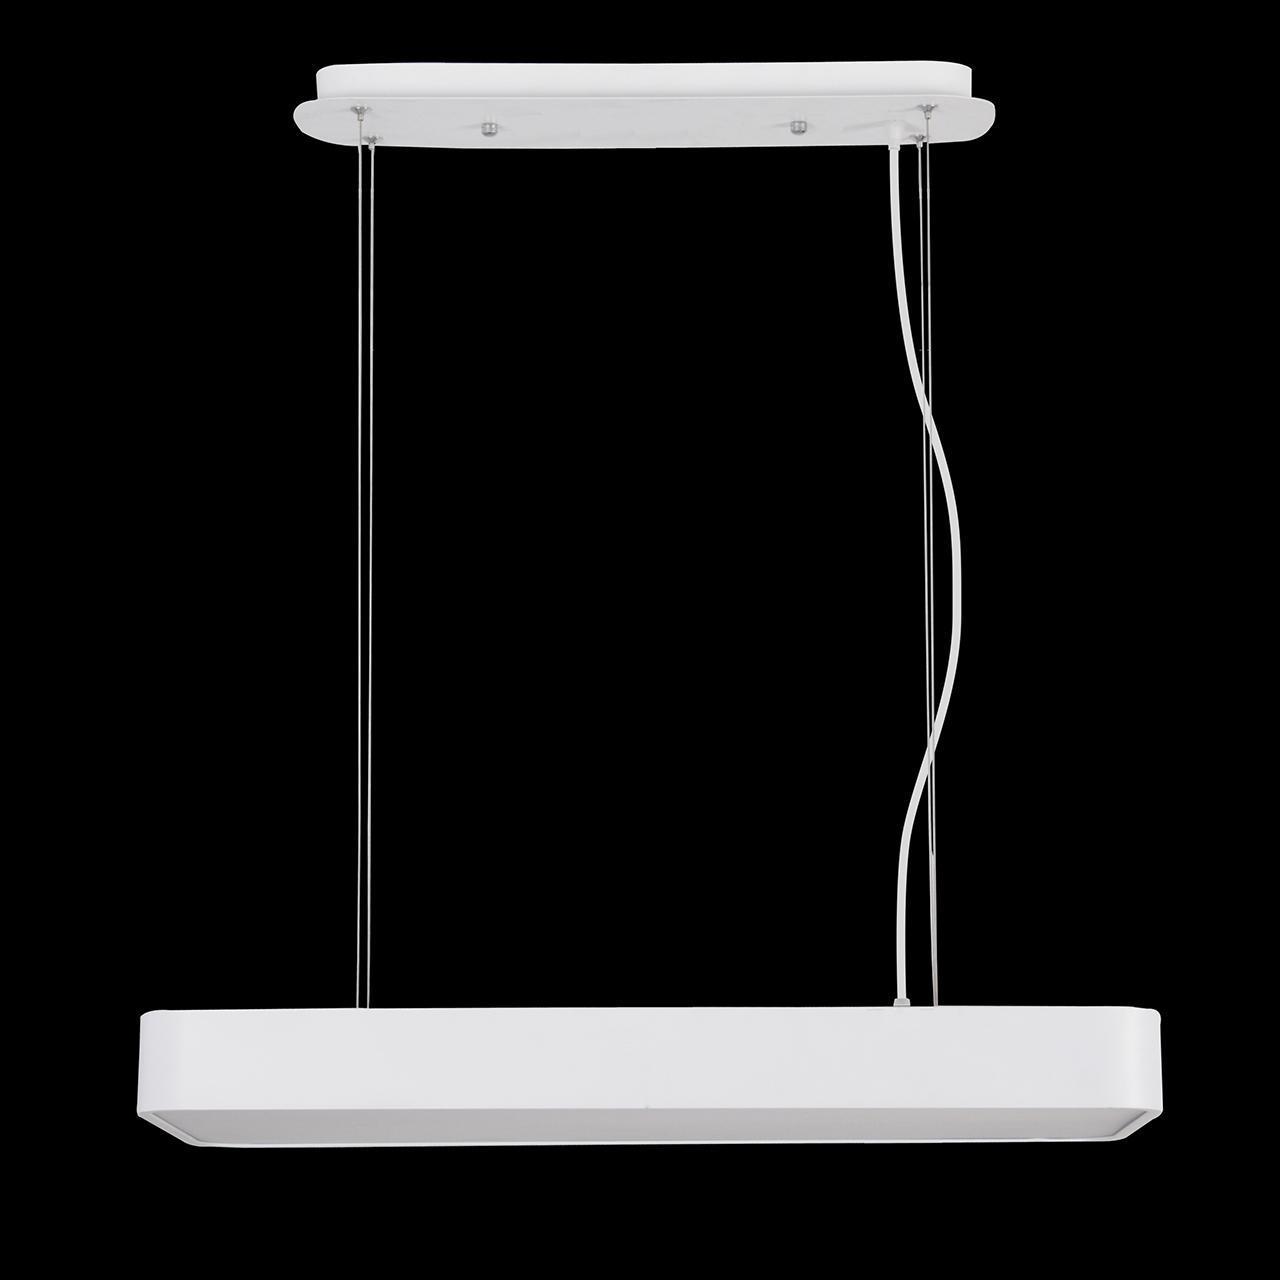 Подвесной светодиодный светильник Mantra Cumbuco 5501+5517 mantra подвесная люстра mantra cumbucomn 5503 5517